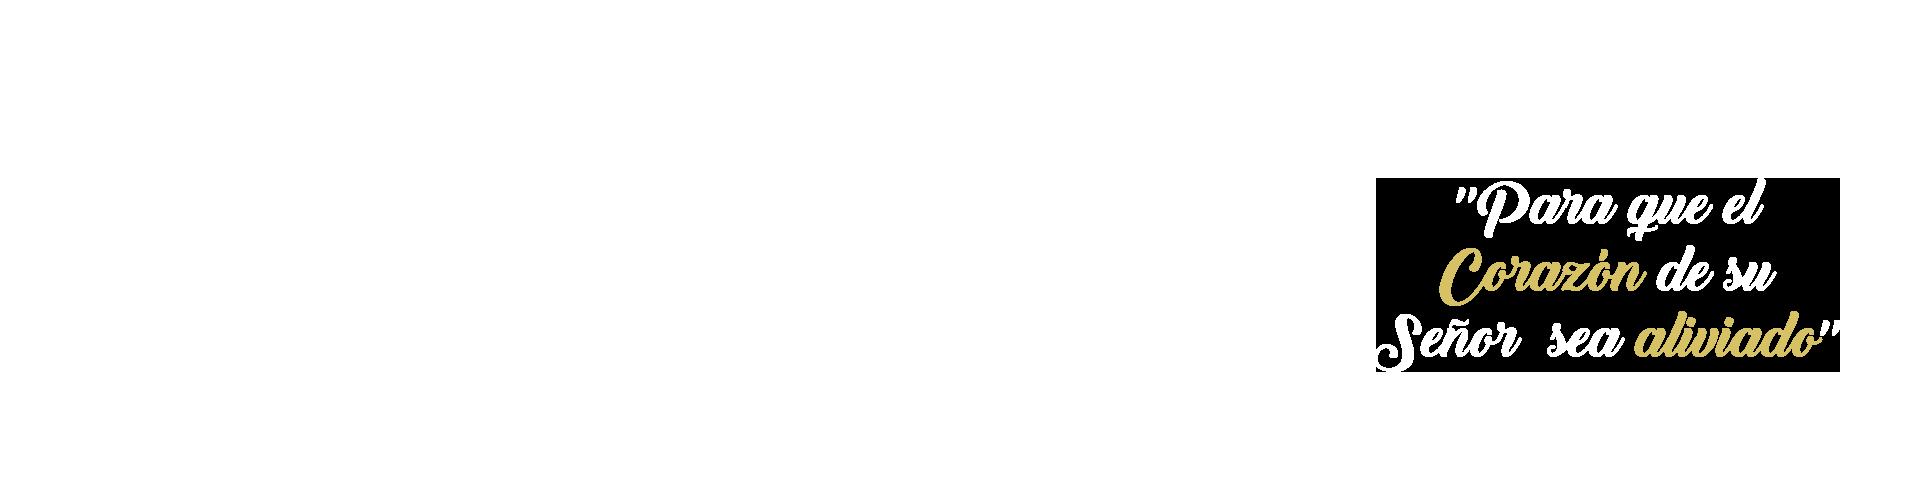 aliviado-frase-esp.png